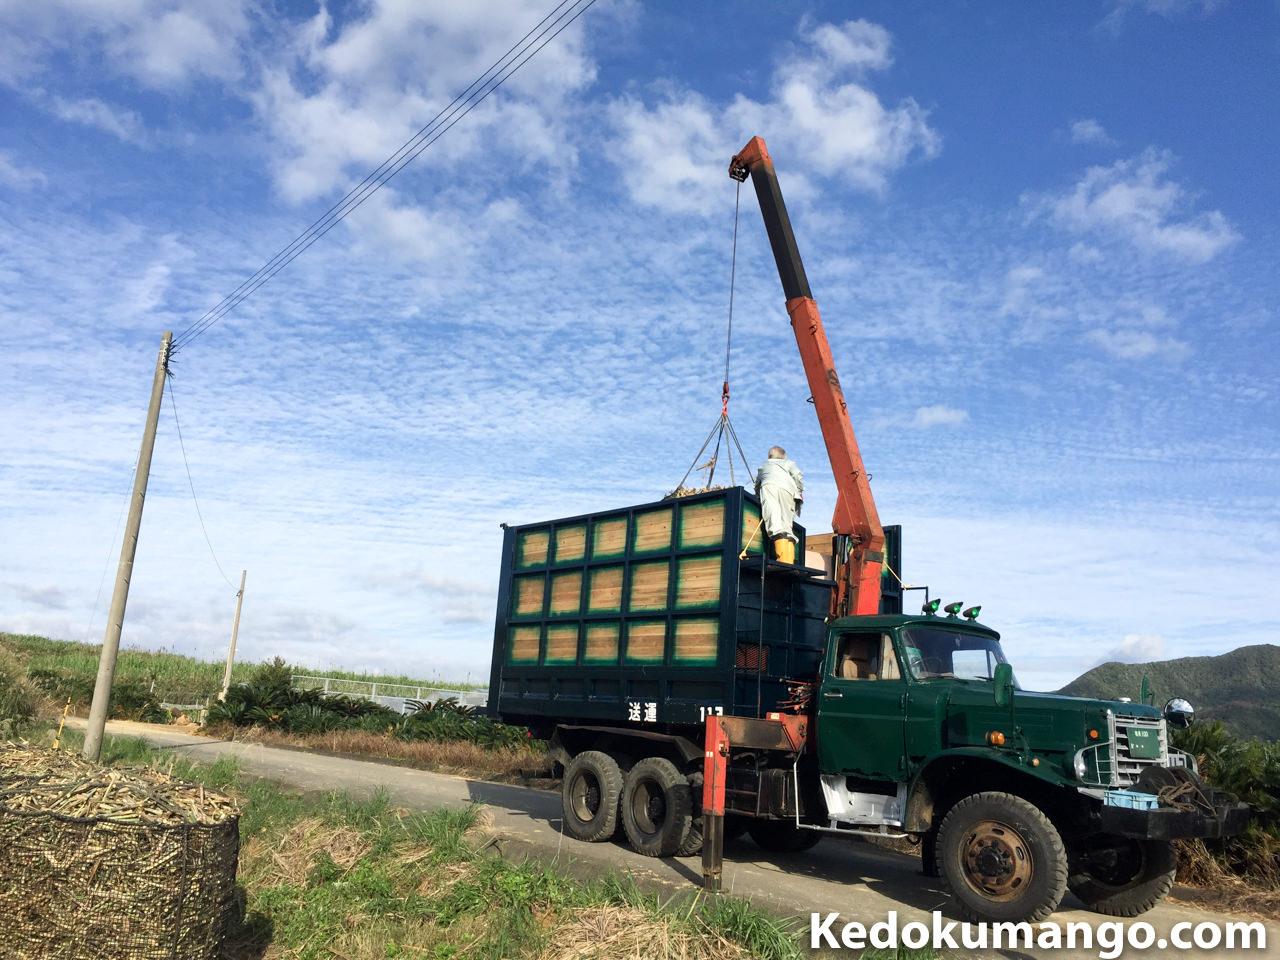 ボンネットトラックによるサトウキビの積み込み状況